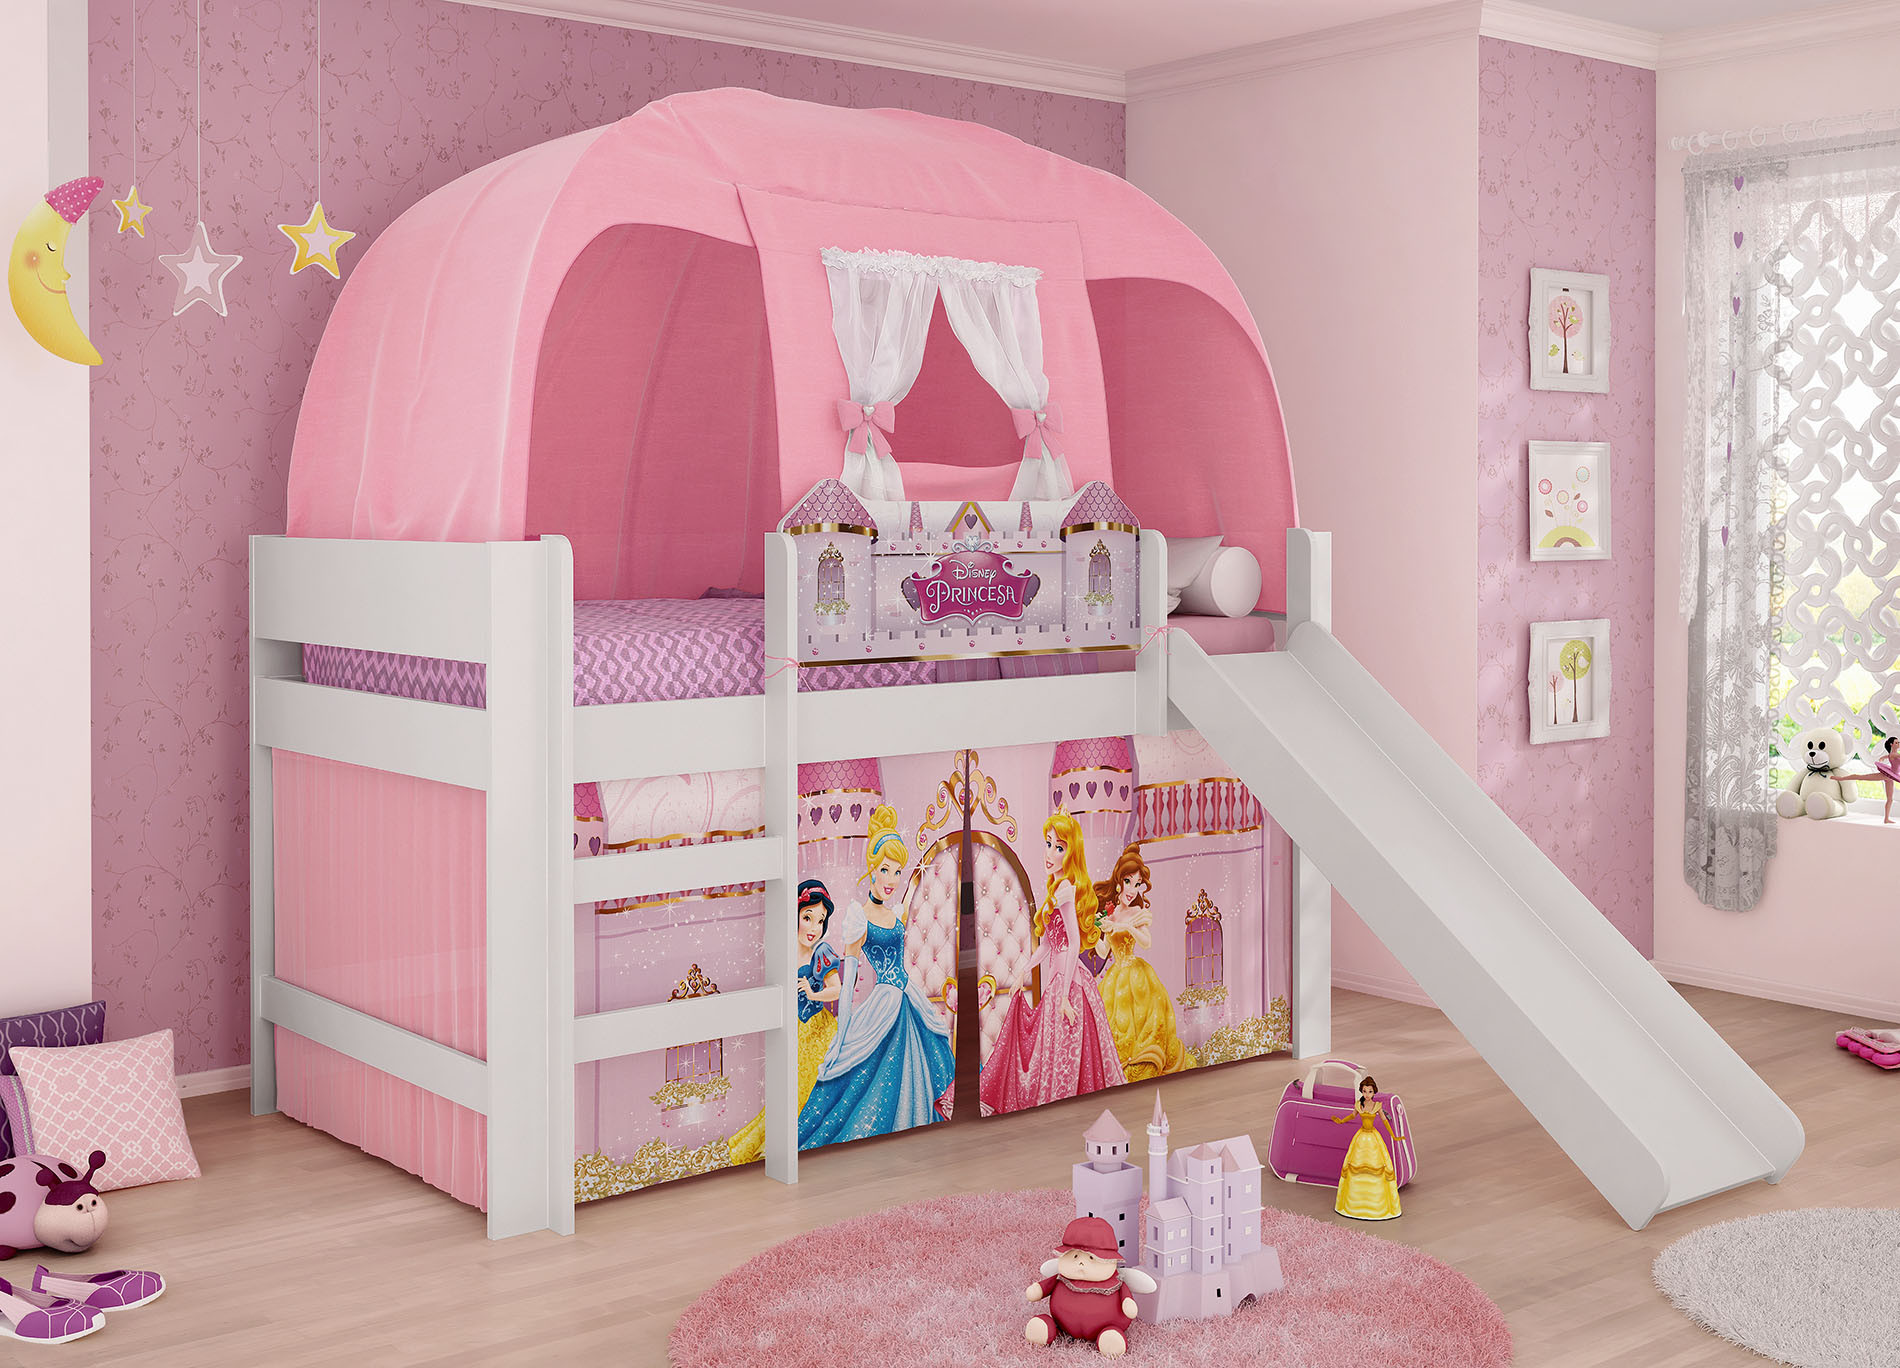 Cama princesas disney play completa escorregador escada cortina e barraca original pura magia - Cama infantil original ...